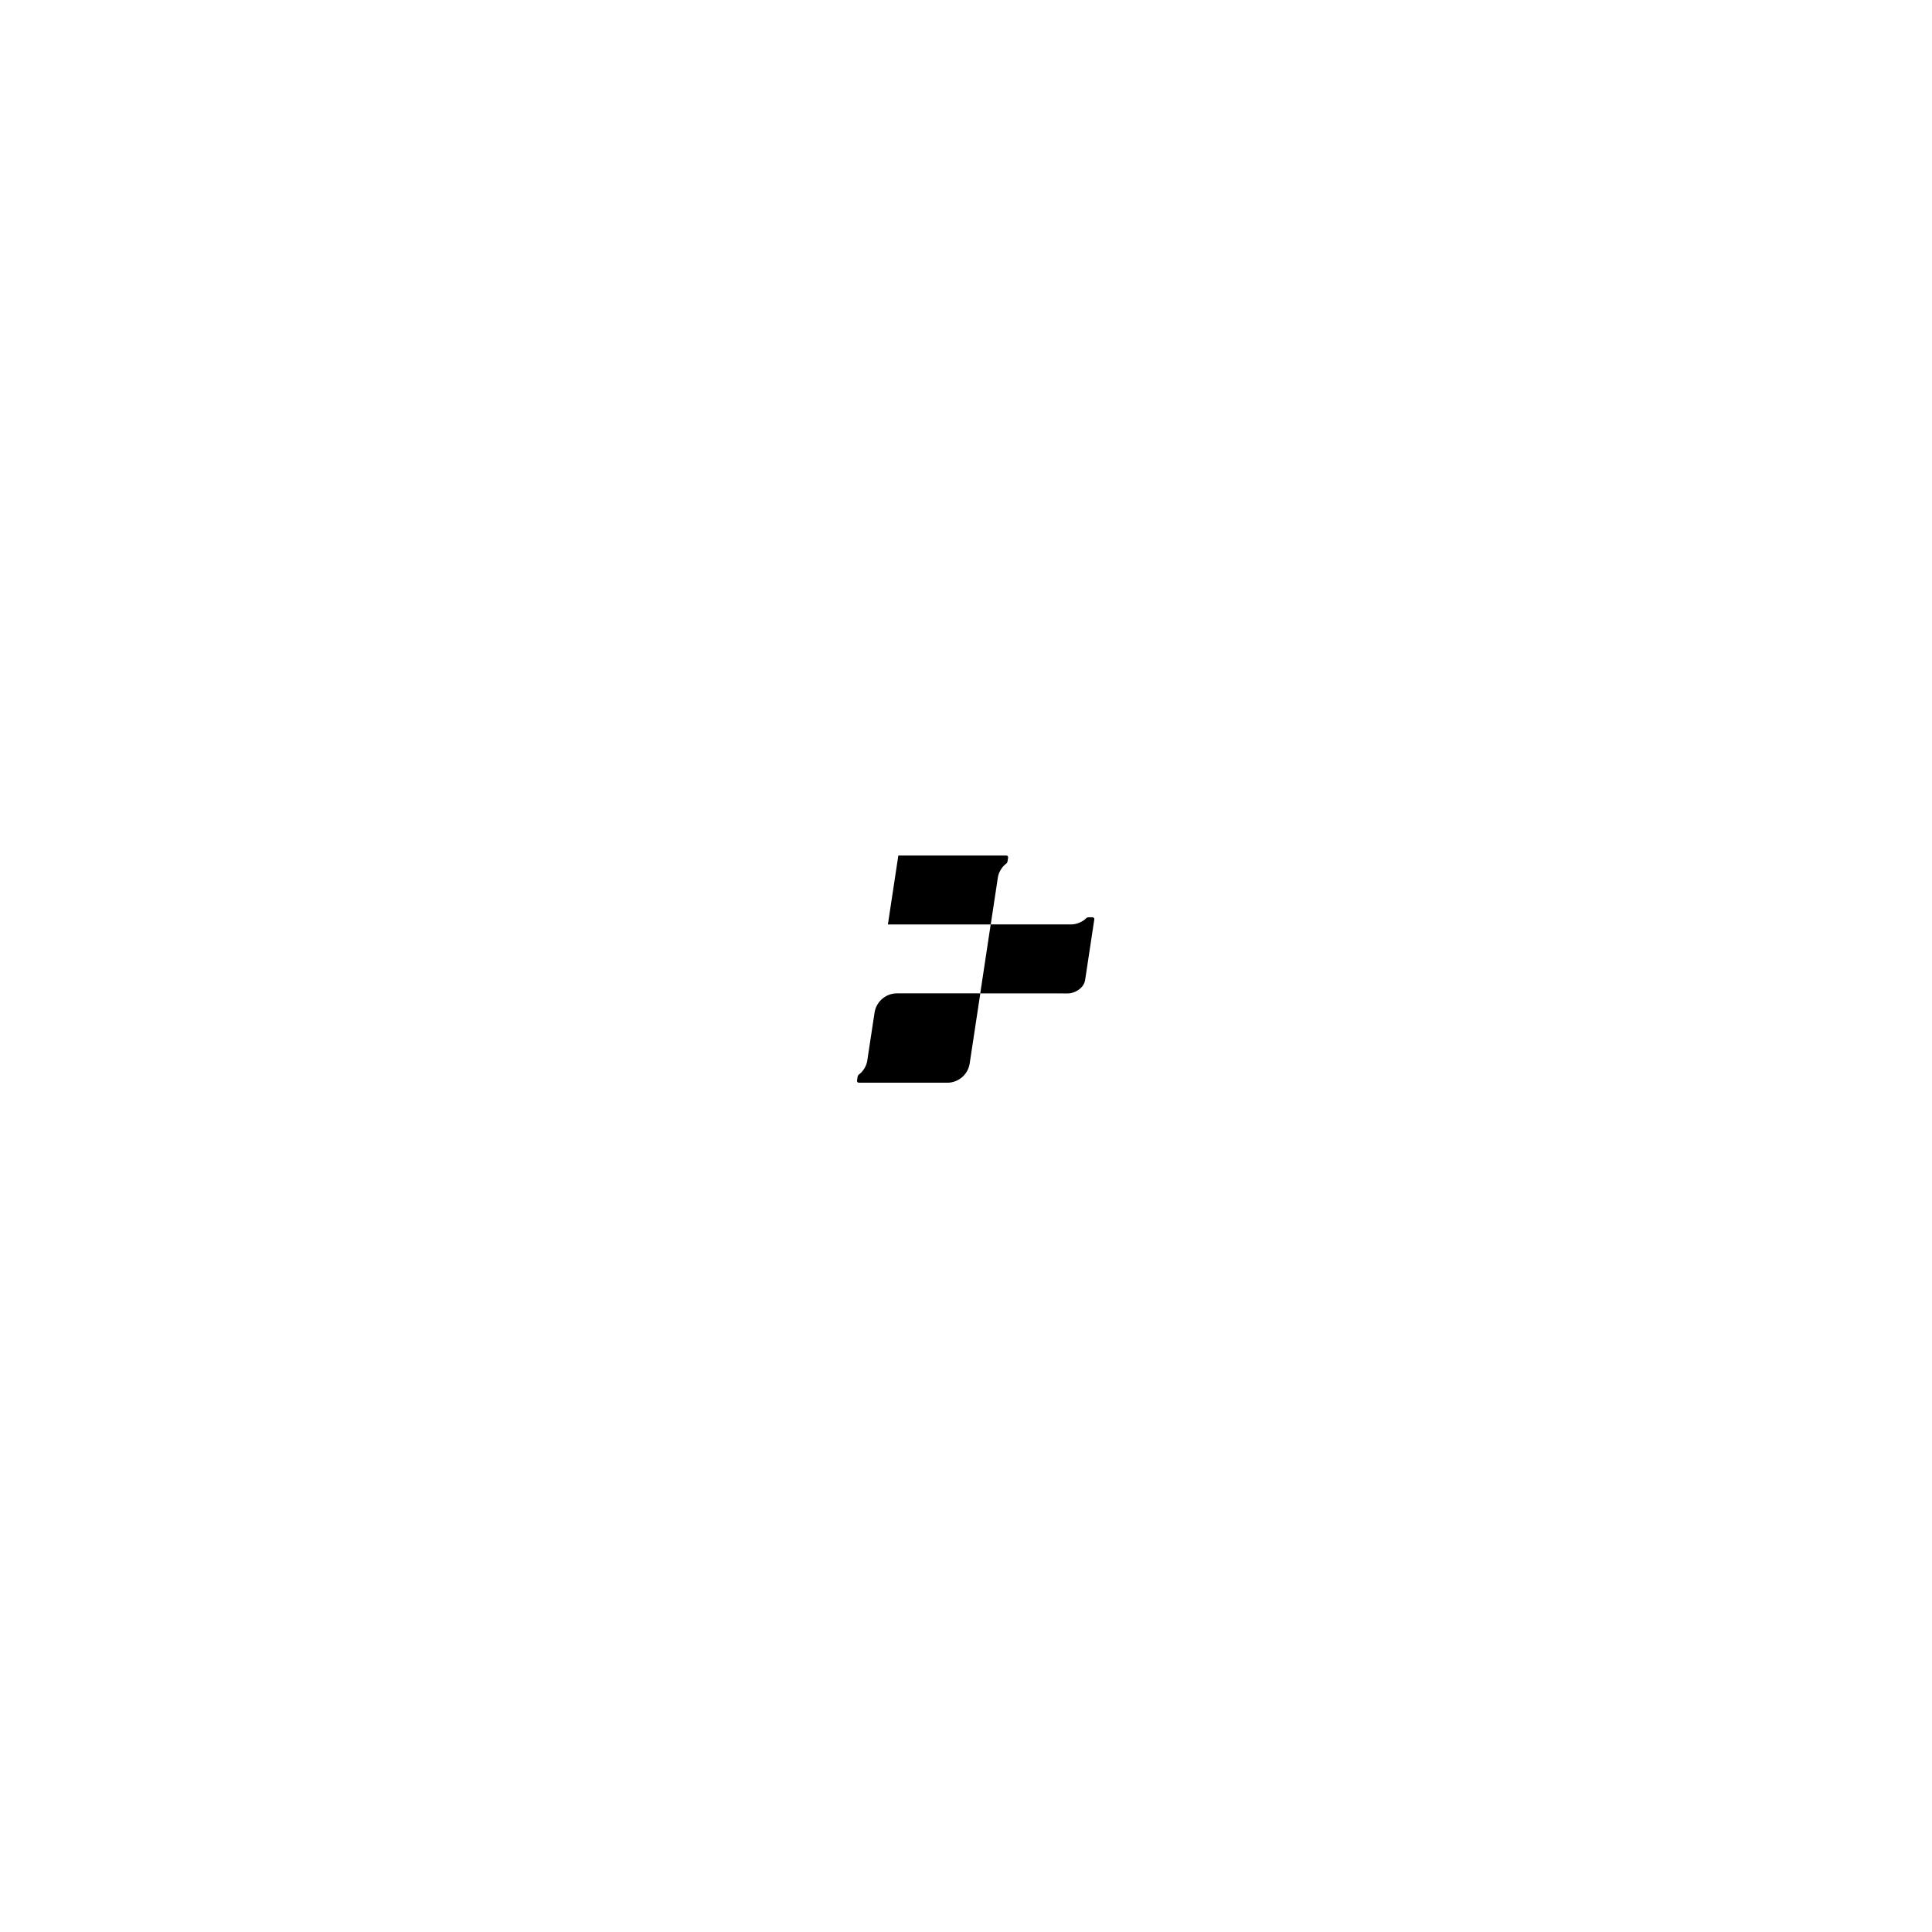 phlewid_logo.png